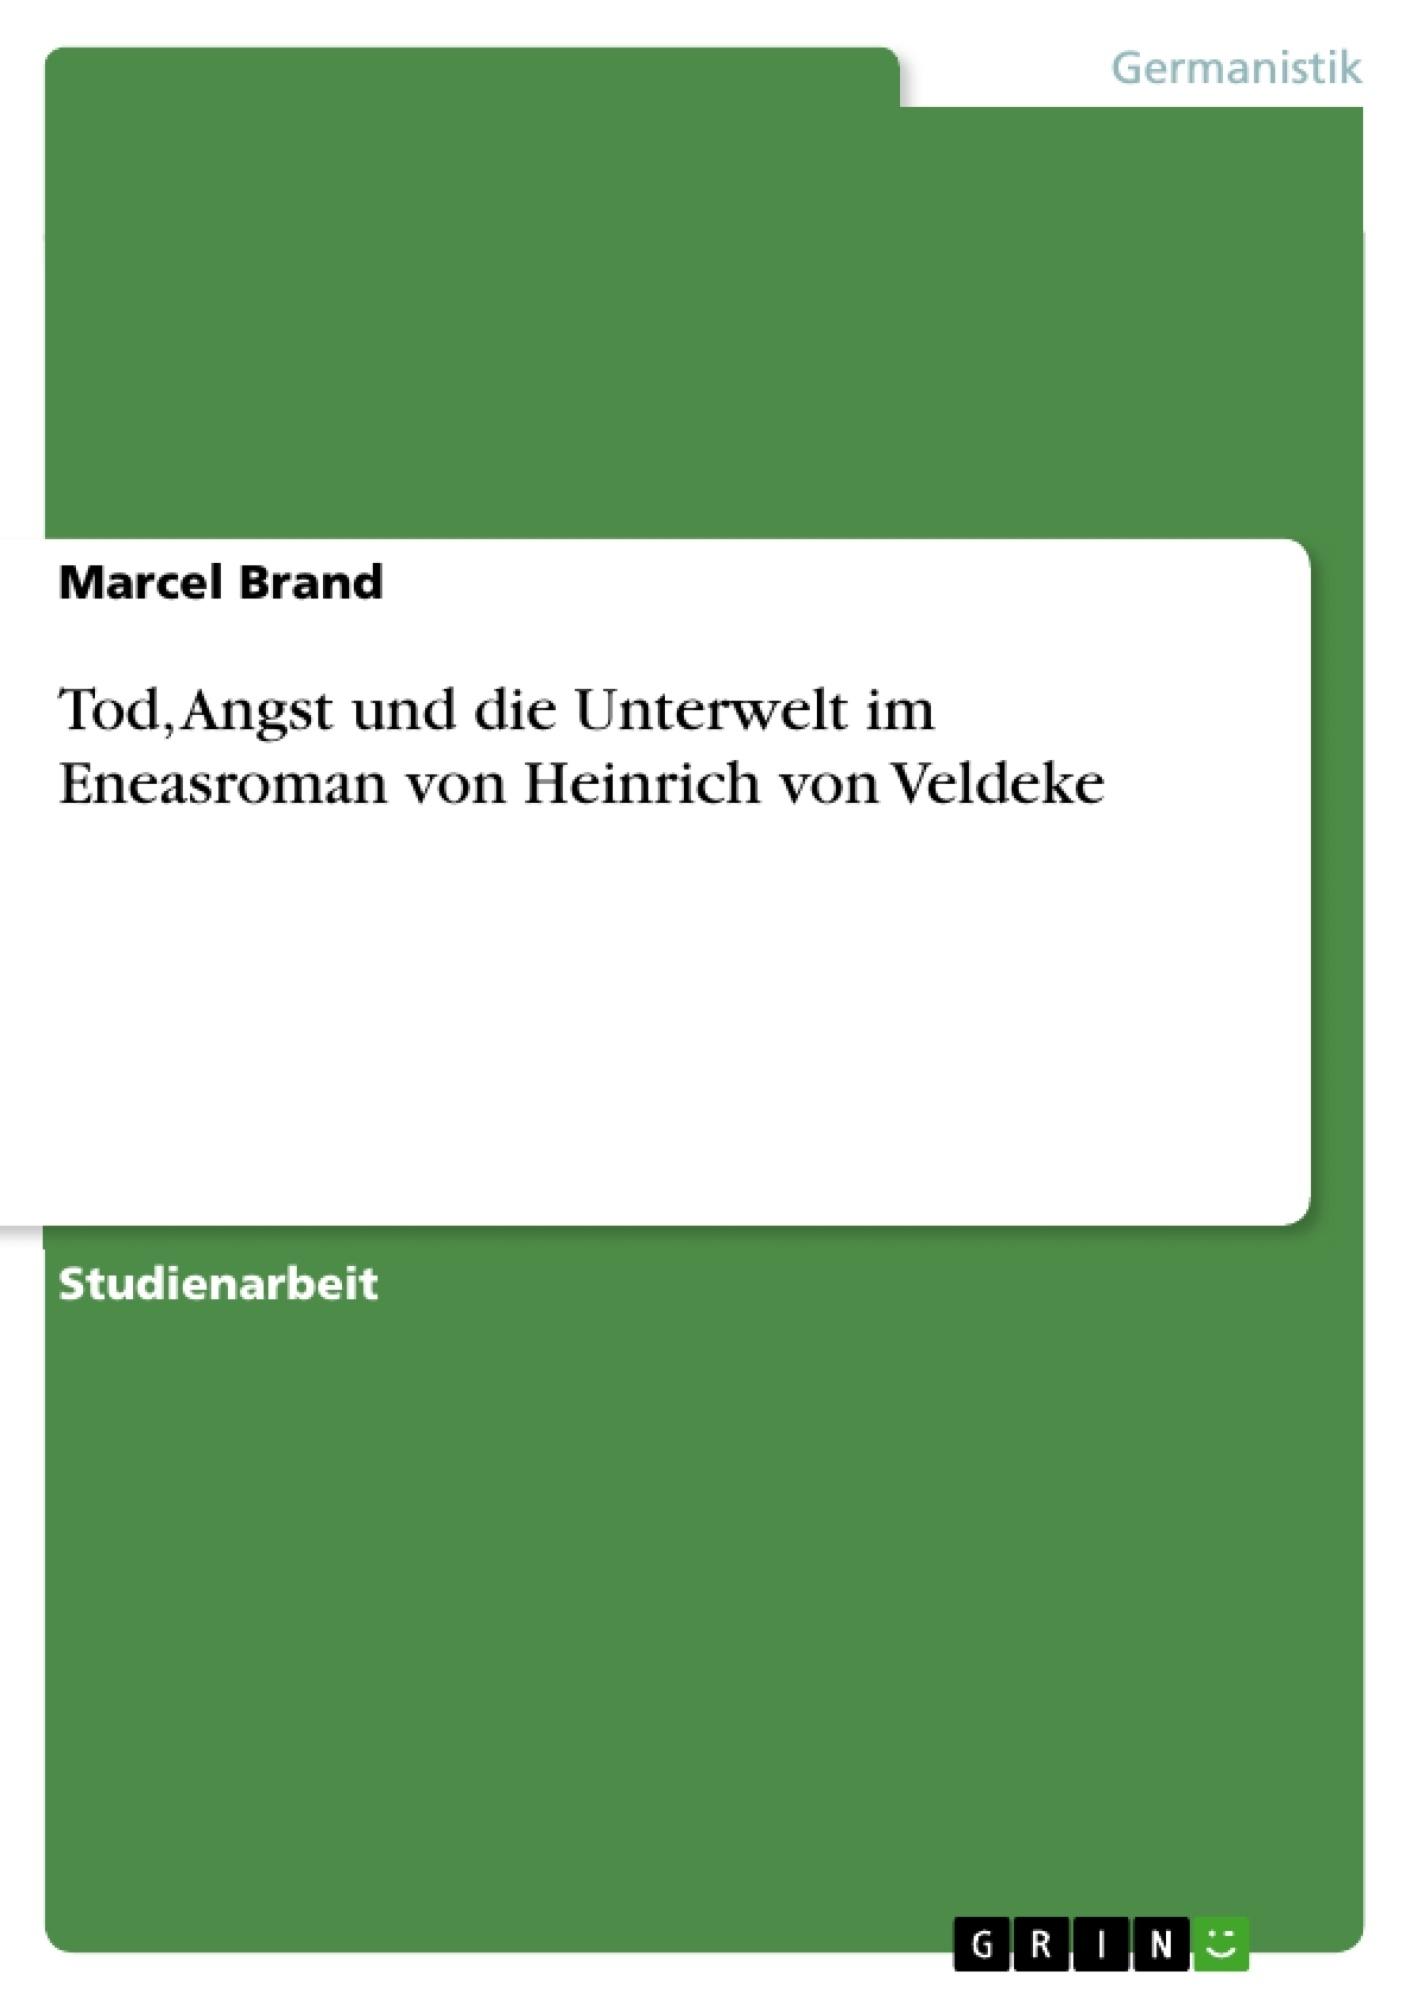 Titel: Tod, Angst und die Unterwelt im Eneasroman von Heinrich von Veldeke